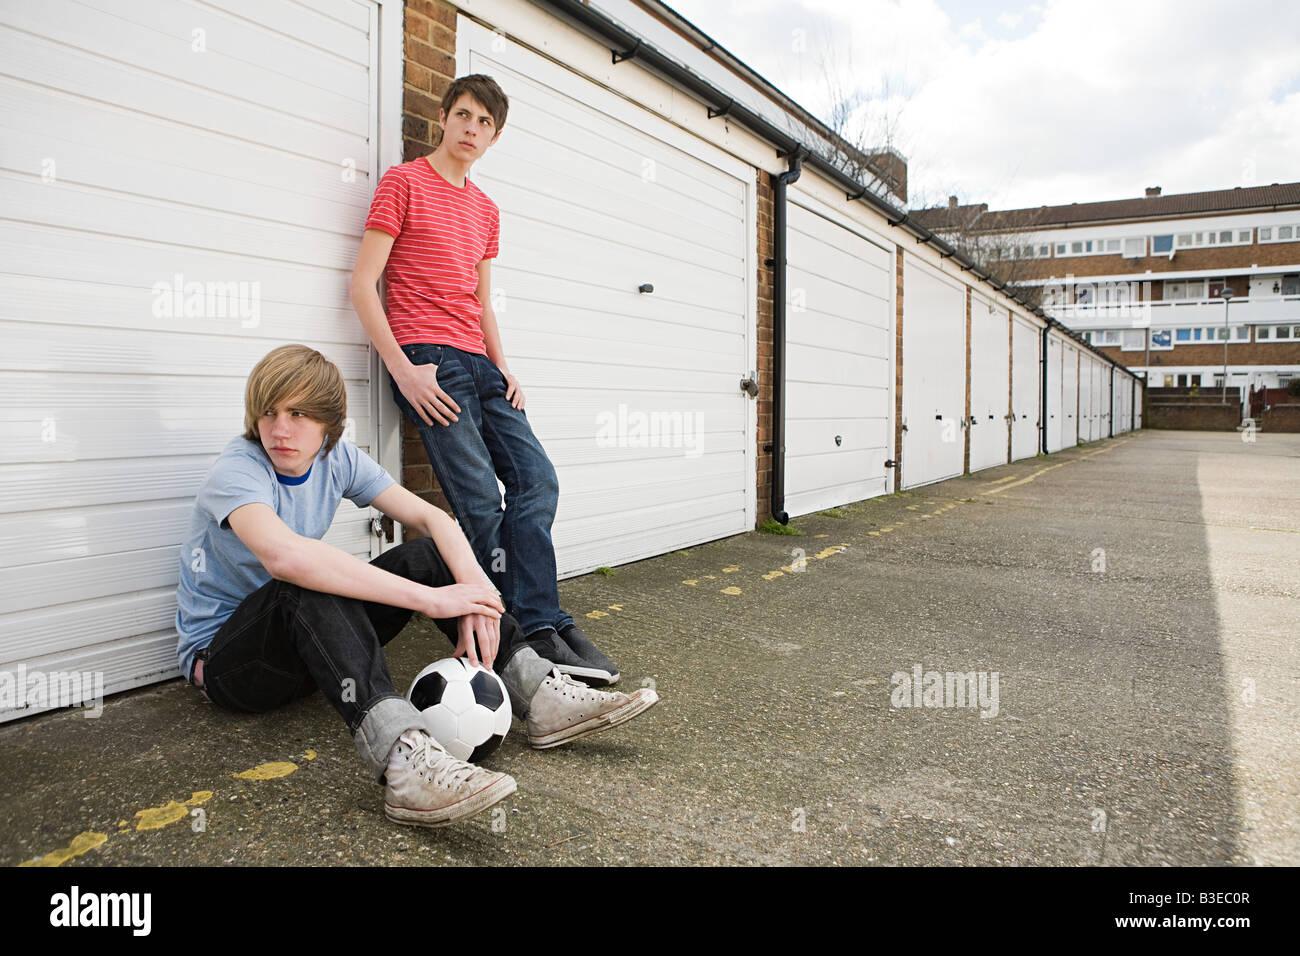 Los adolescentes varones por garajes Imagen De Stock